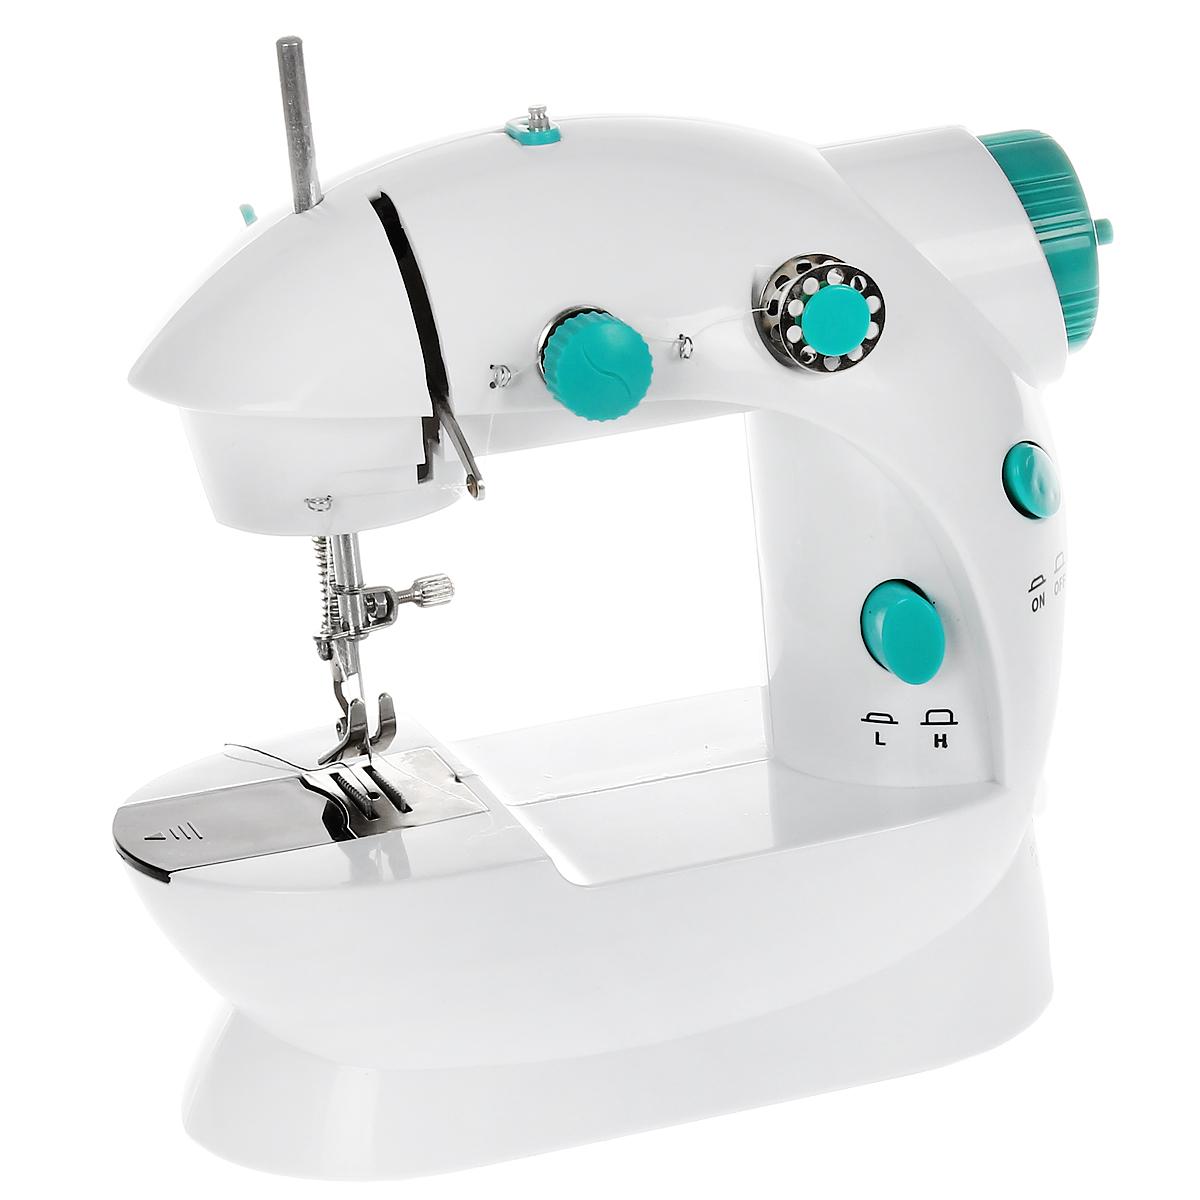 Машинка швейная Bradex Портняжка, компактнаяTD 0162Компактная швейная машинка Bradex Портняжка - полезное приспособление в быту. С ее помощью вы можете не только дома, но даже в путешествии или в походных условиях подшить одежду, поставить заплатку и так далее. Даже в домашних условиях для мелких швейных работ вам будет намного удобнее пользоваться этим мини-прибором вместо громоздких швейных машин.Занимает мало места и подходит для использования даже в малогабаритных помещениях. Легко хранить и перевозить. Идеально подходит для мелких швейных работ: прострочить край брюк, зашить дырку или поставить заплатку.Работает как от электросети, так и от батареек, что придаёт дополнительное удобство при её использовании!Имеет два скоростных режима, осуществляет прошивку двойной ниткой, может управляться при помощи ножной педали для облегчения процесса шитья.Отличная покупка для всей семьи! С помощью Bradex Портняжка вы сможете погрузить ваших детей в увлекательный мир рукоделия. Под вашим чутким руководством с помощью этой мини-машинки они научатся шить красивую одежду для своих игрушек.